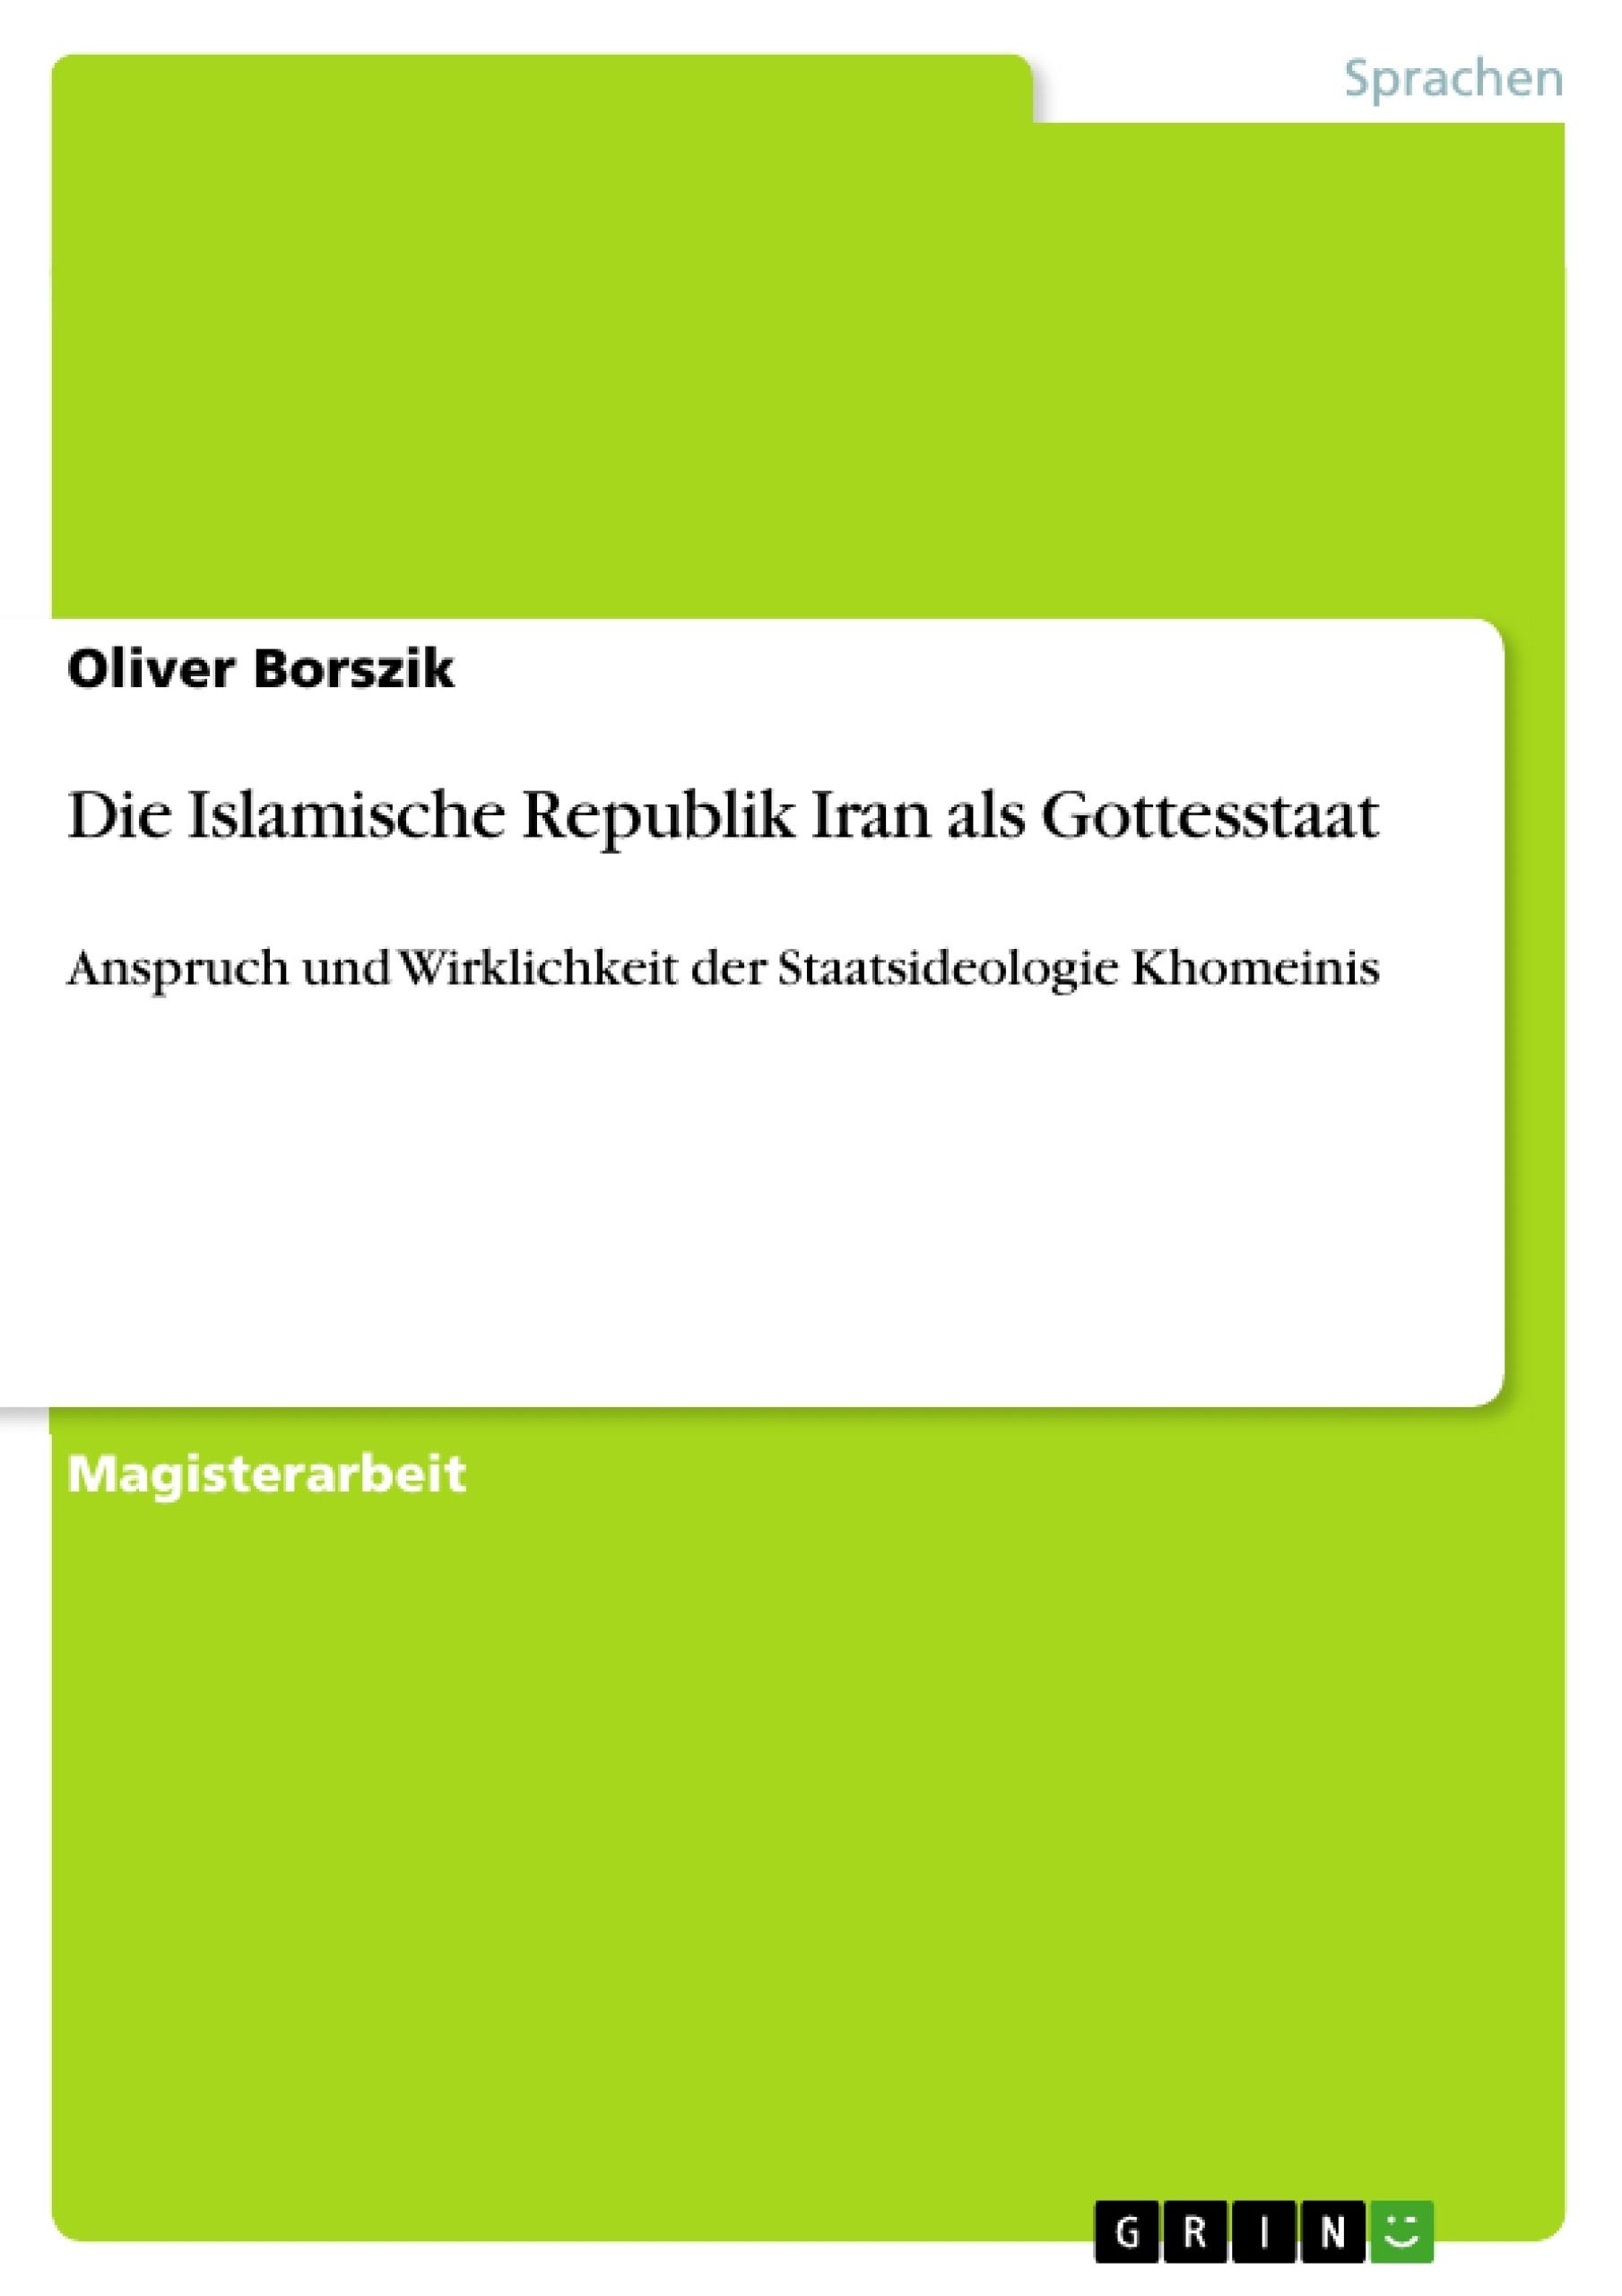 Titel: Die Islamische Republik Iran als Gottesstaat